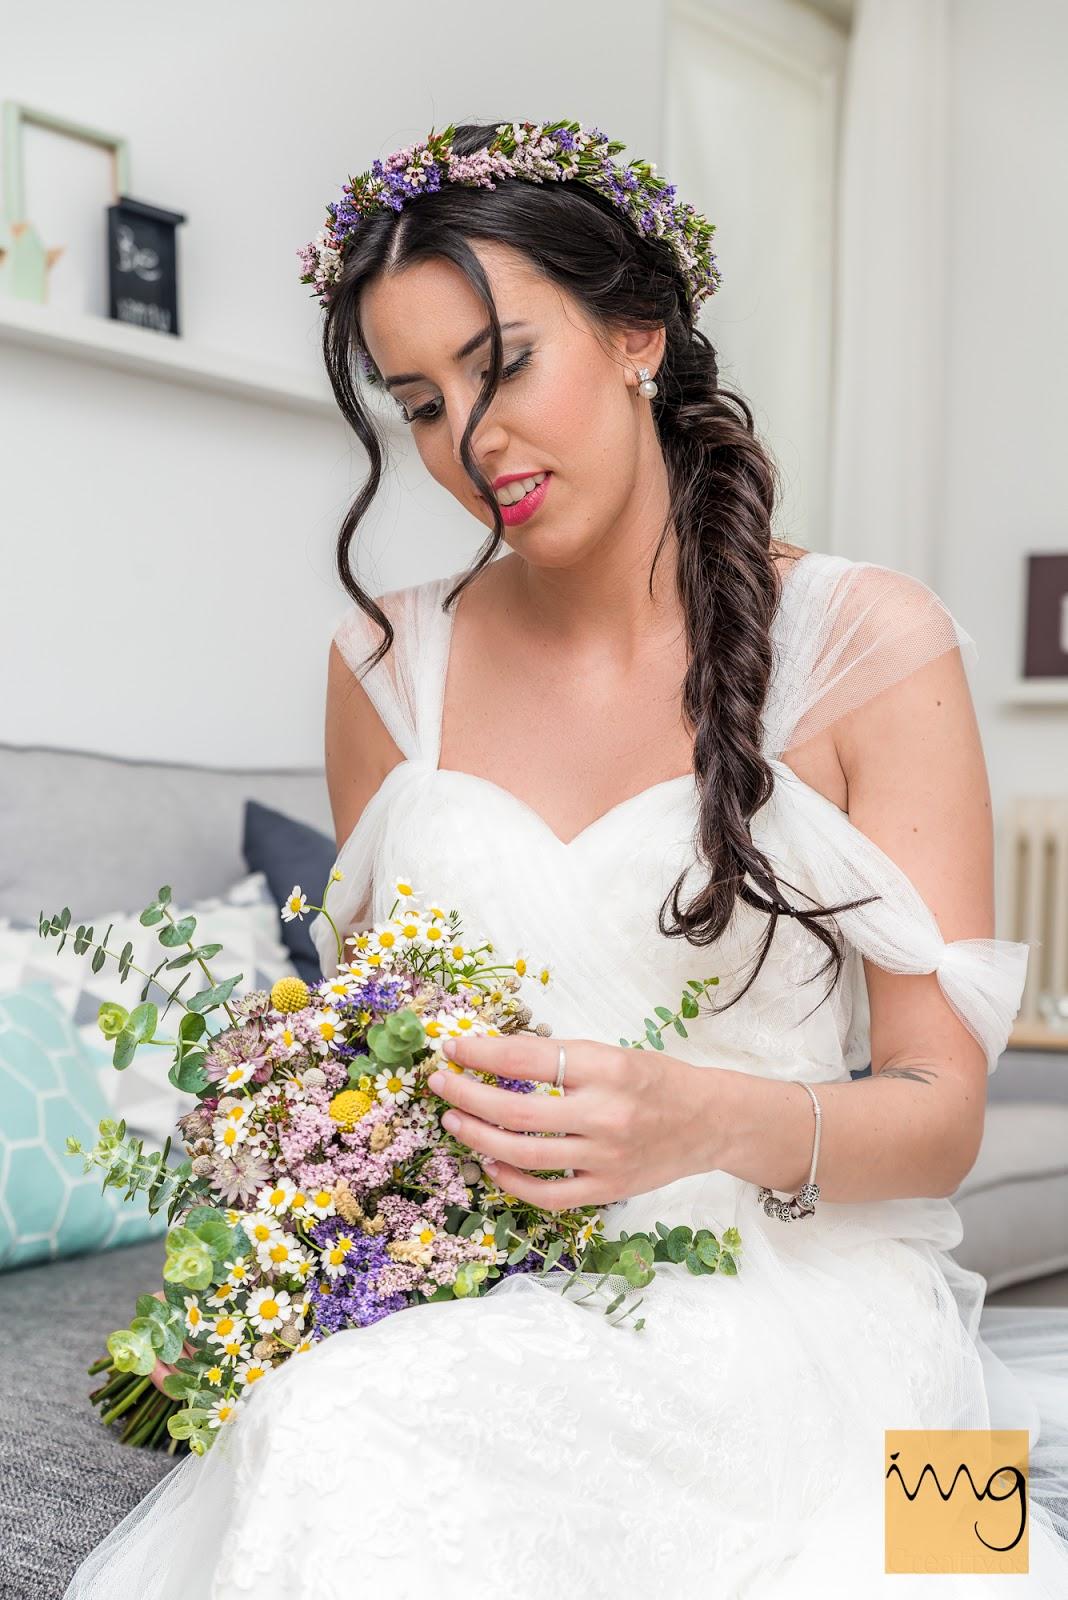 Reportaje de boda en los preparativos